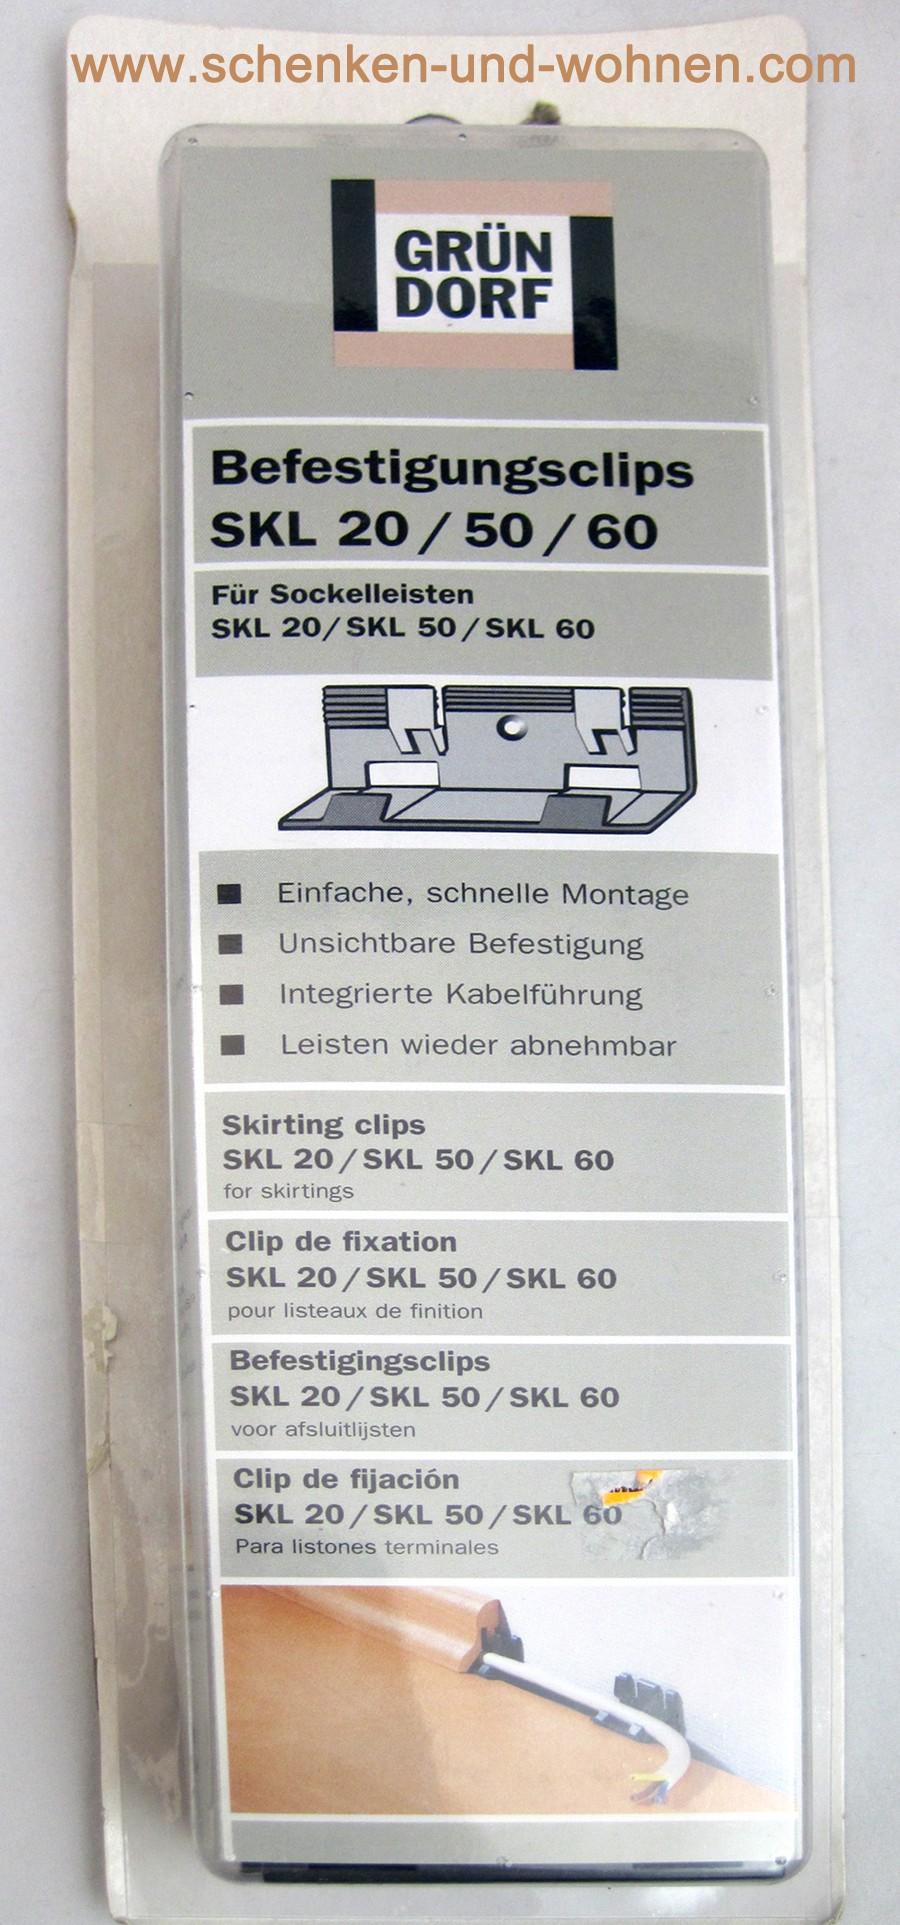 befestigungsclips f r skl 20 50 60 30 st ck sockelleiste schenken und. Black Bedroom Furniture Sets. Home Design Ideas